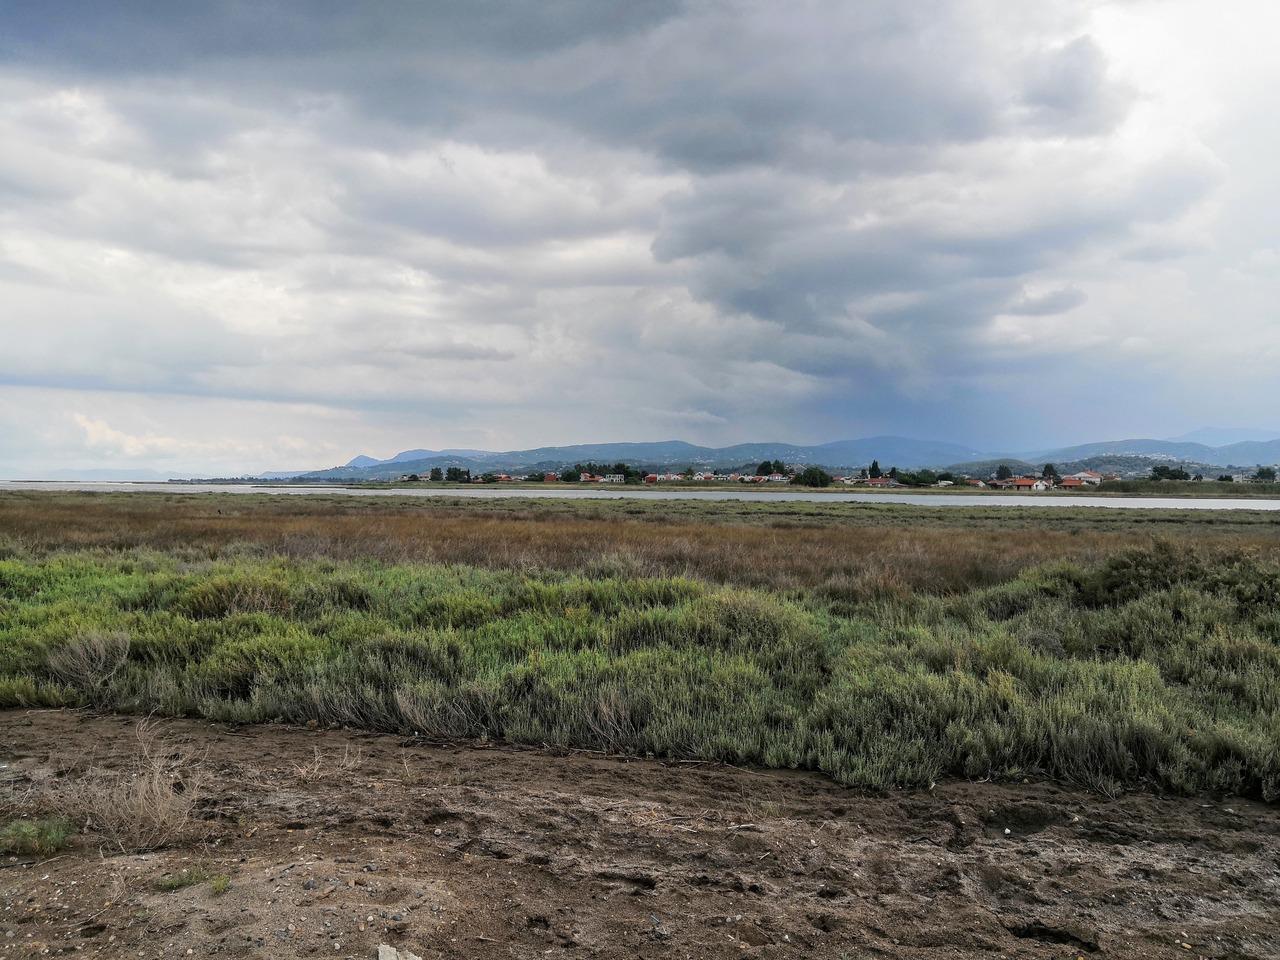 Seaside cloudy wetland view